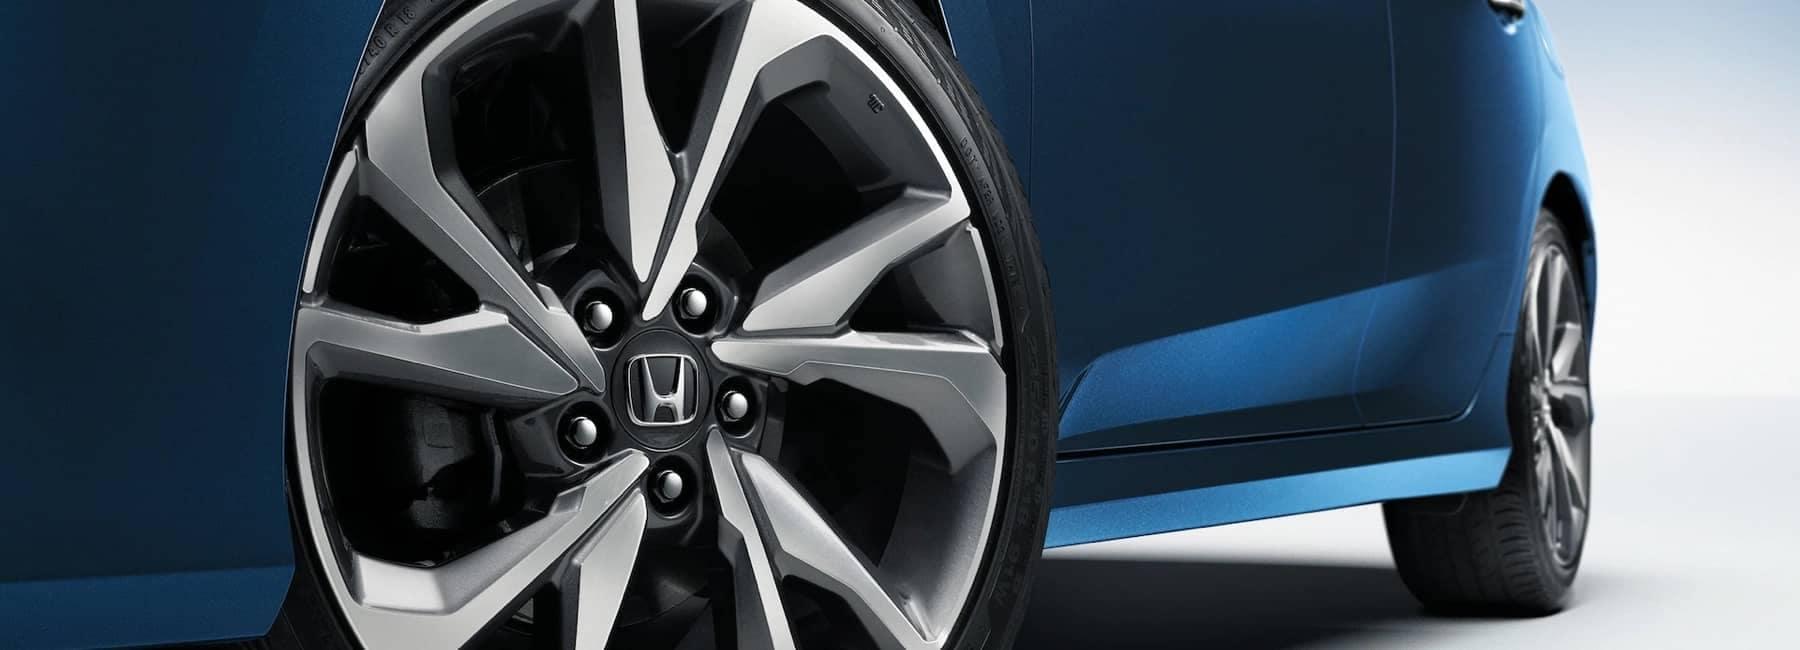 2019 Honda Civic wheel